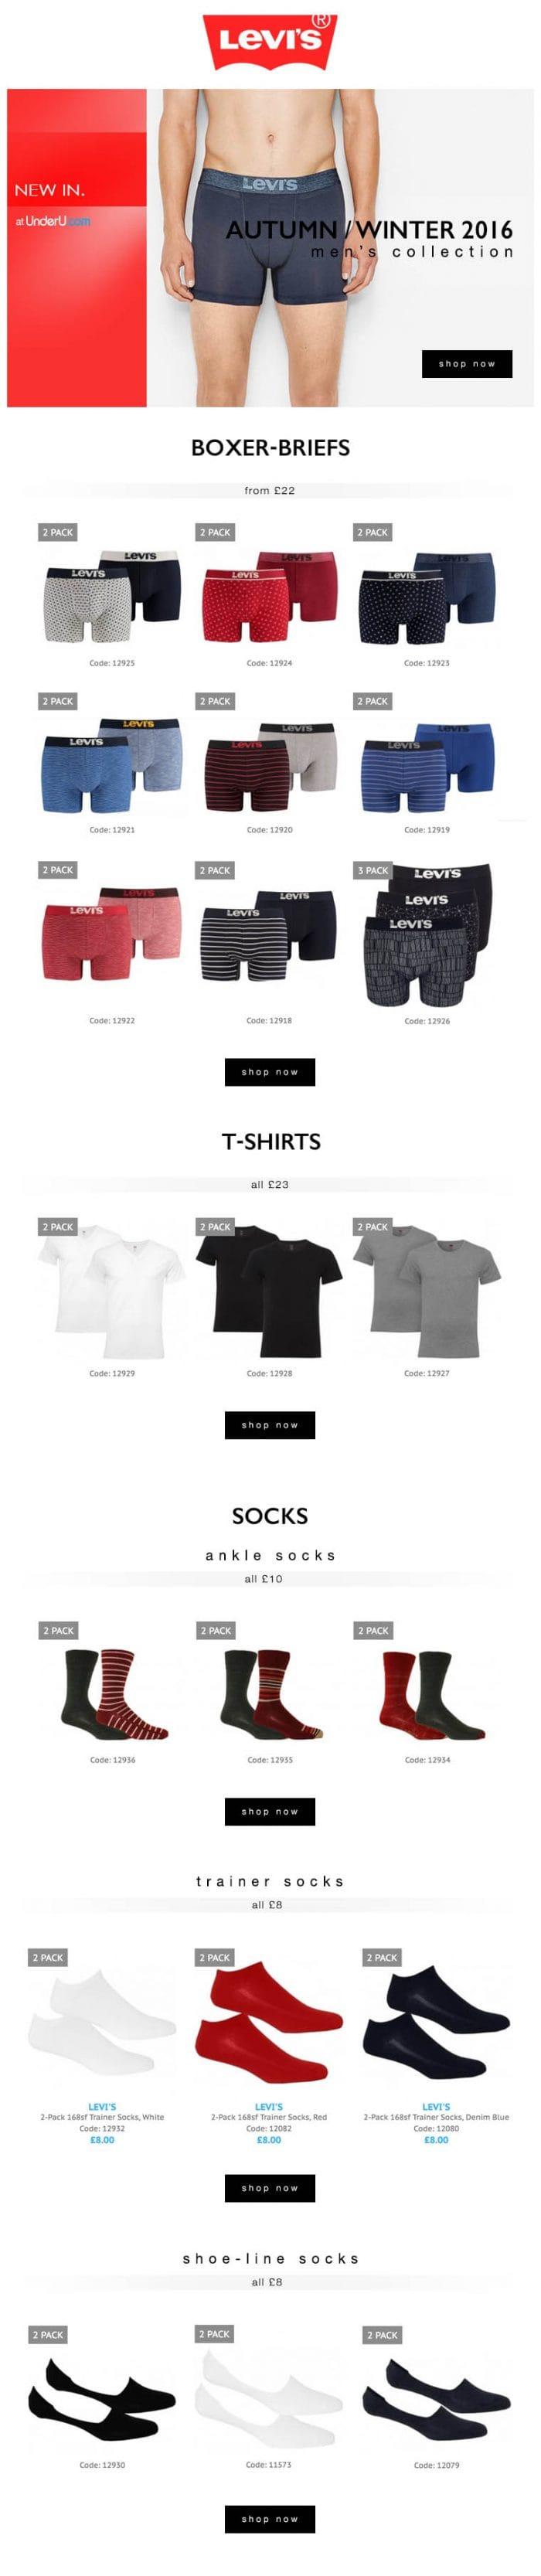 Levi's underwear AW16 blog